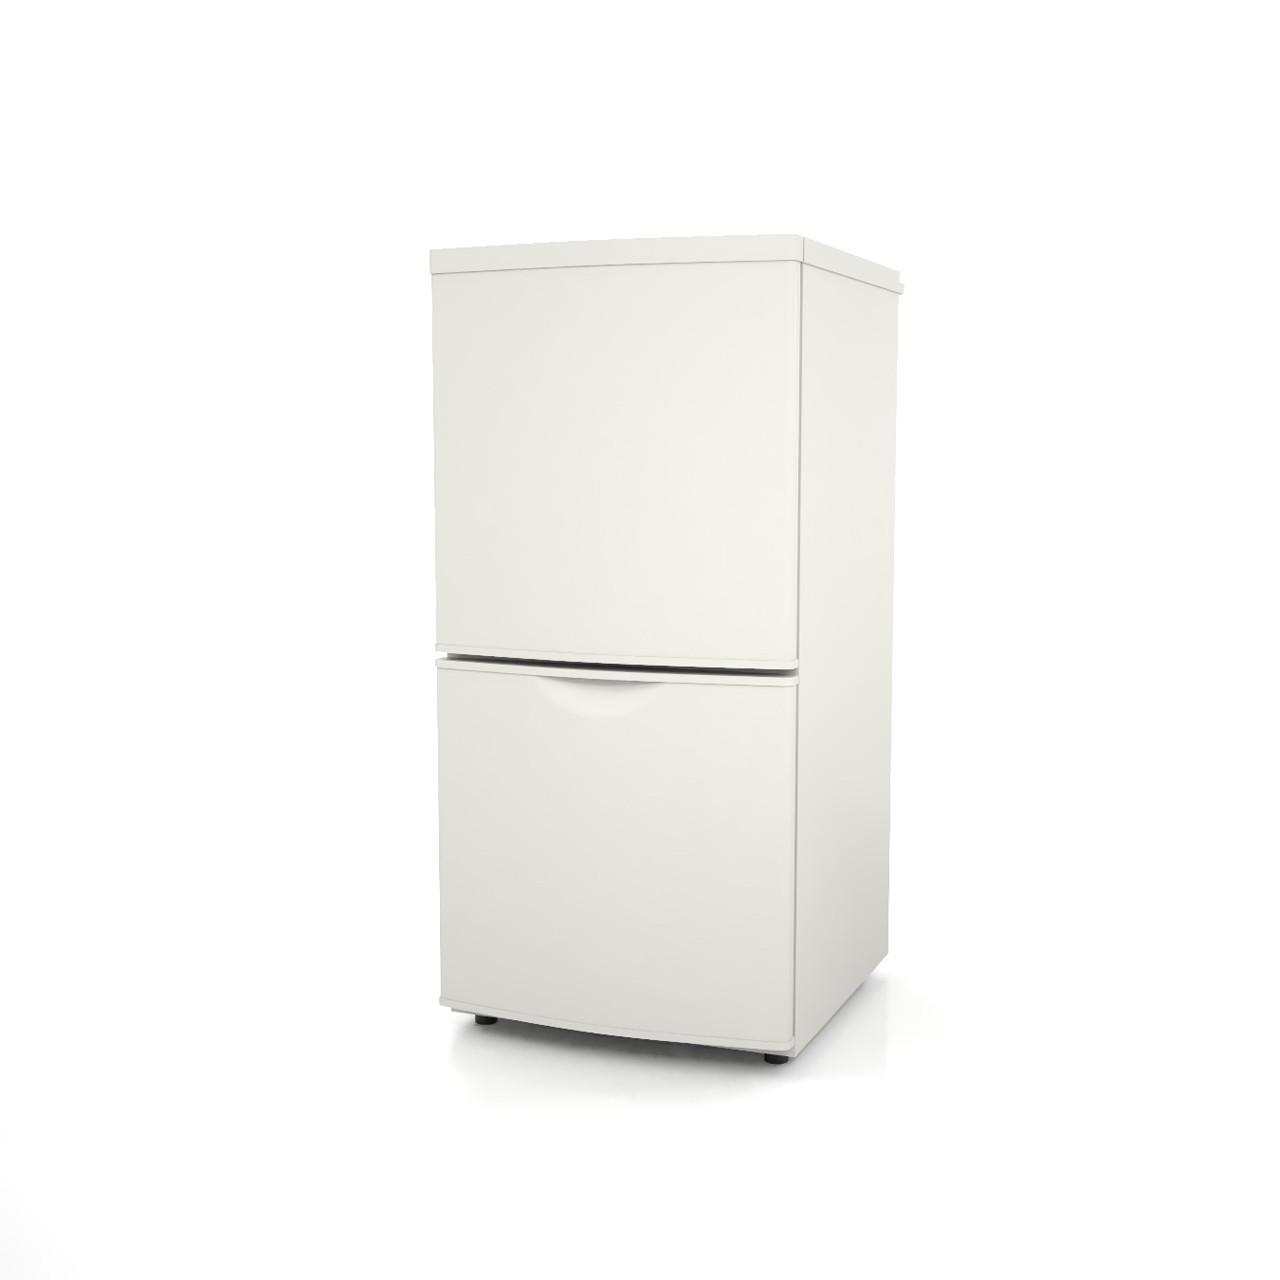 高さ1mサイズの小型の冷蔵庫(白色)の3dCADデータ│インテリア 家電製品 冷蔵庫 refrigerator│3d cad データ フリー ダウンロード 無料 商用可能 建築パース フリー素材 formZ 3D 3ds obj Free download│digital-architex.com